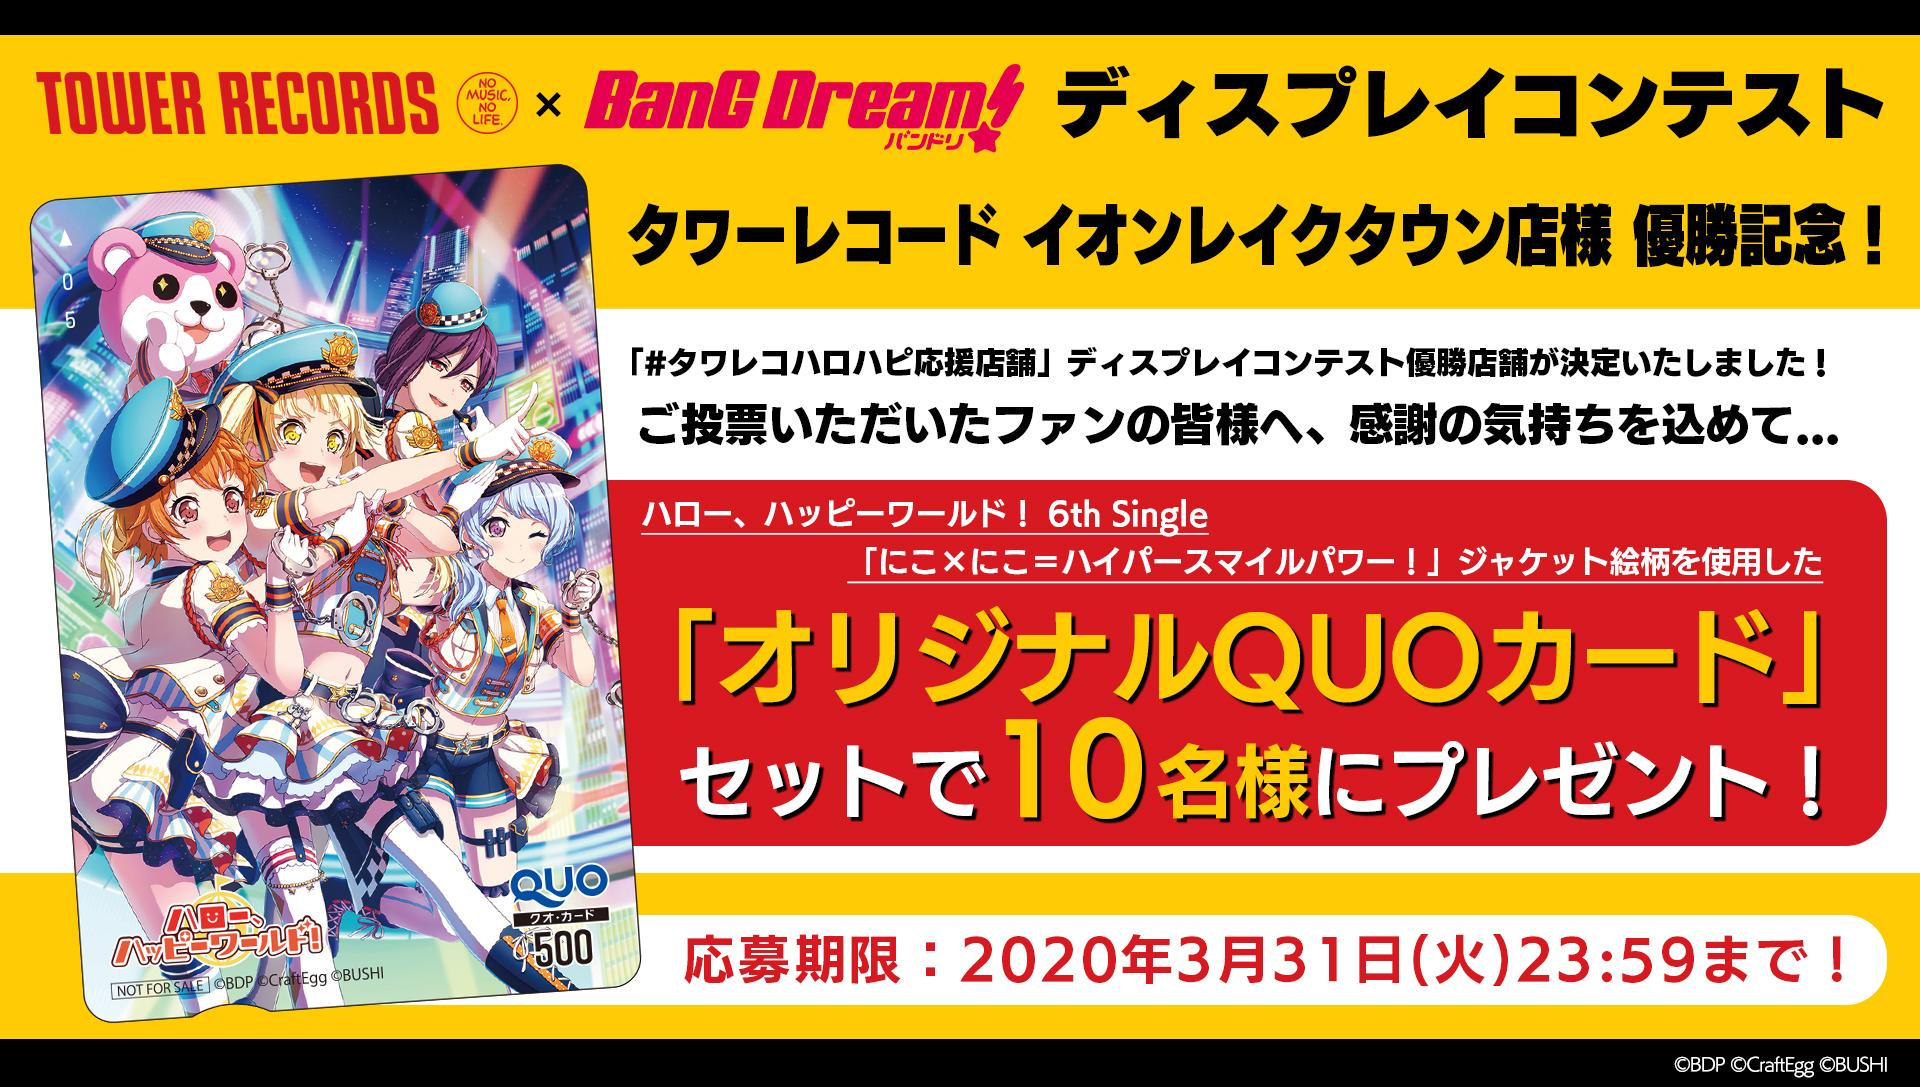 タワーレコード×BanG Dream!ハロー、ハッピーワールド!ディスプレイコンテスト イオンレイクタウン店様 優勝記念!  Wフォロー&RTキャンペーン開催!